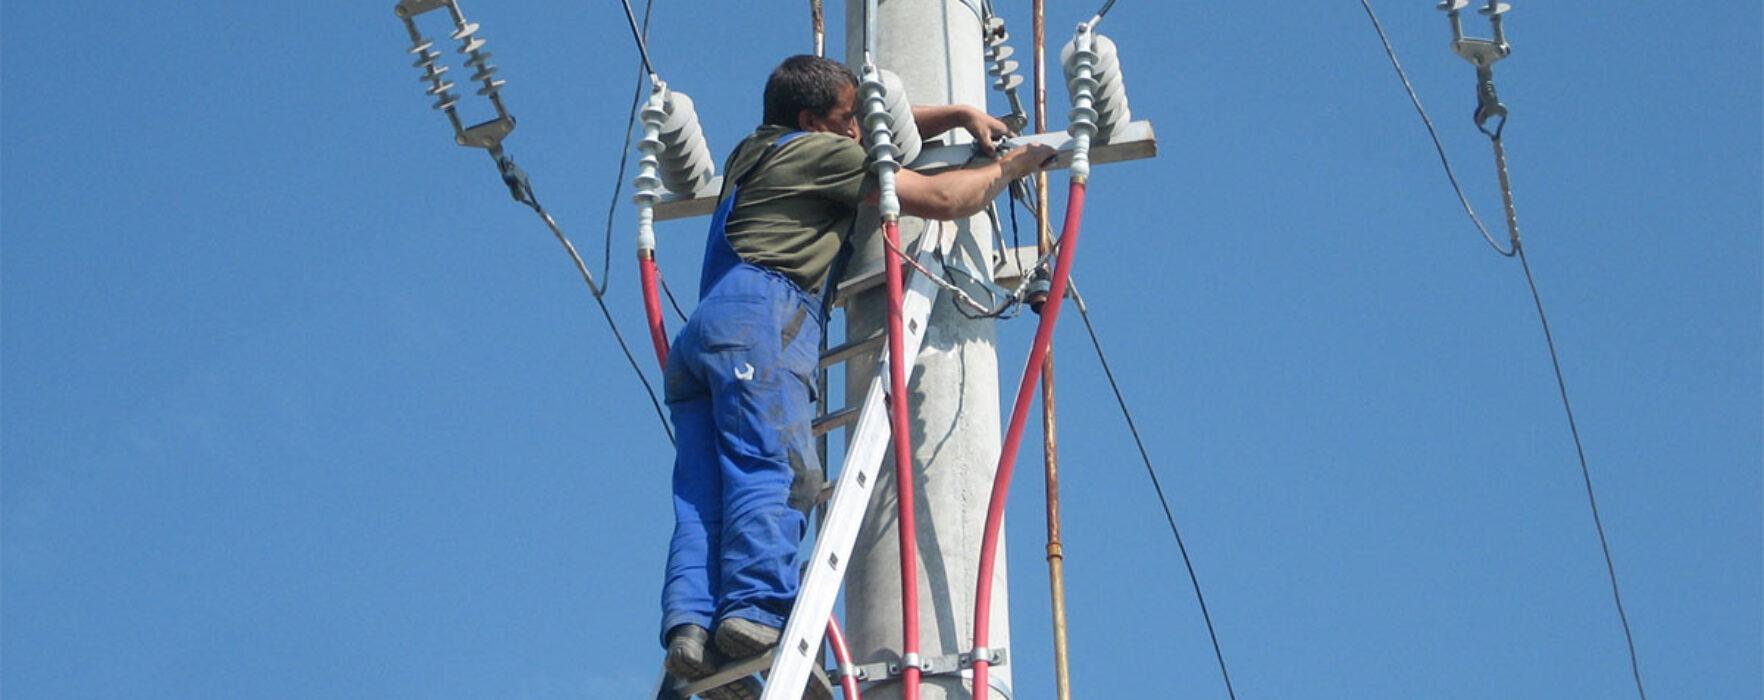 Dâmboviţa: Angajat al unei firme de cablu, electrocutat pe un stâlp de electricitate